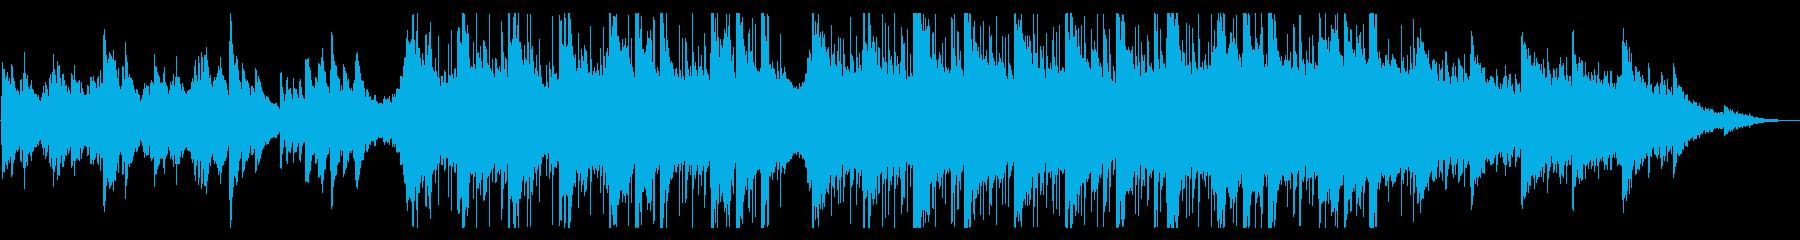 ピアノがキラキラ綺麗なBGM11の再生済みの波形